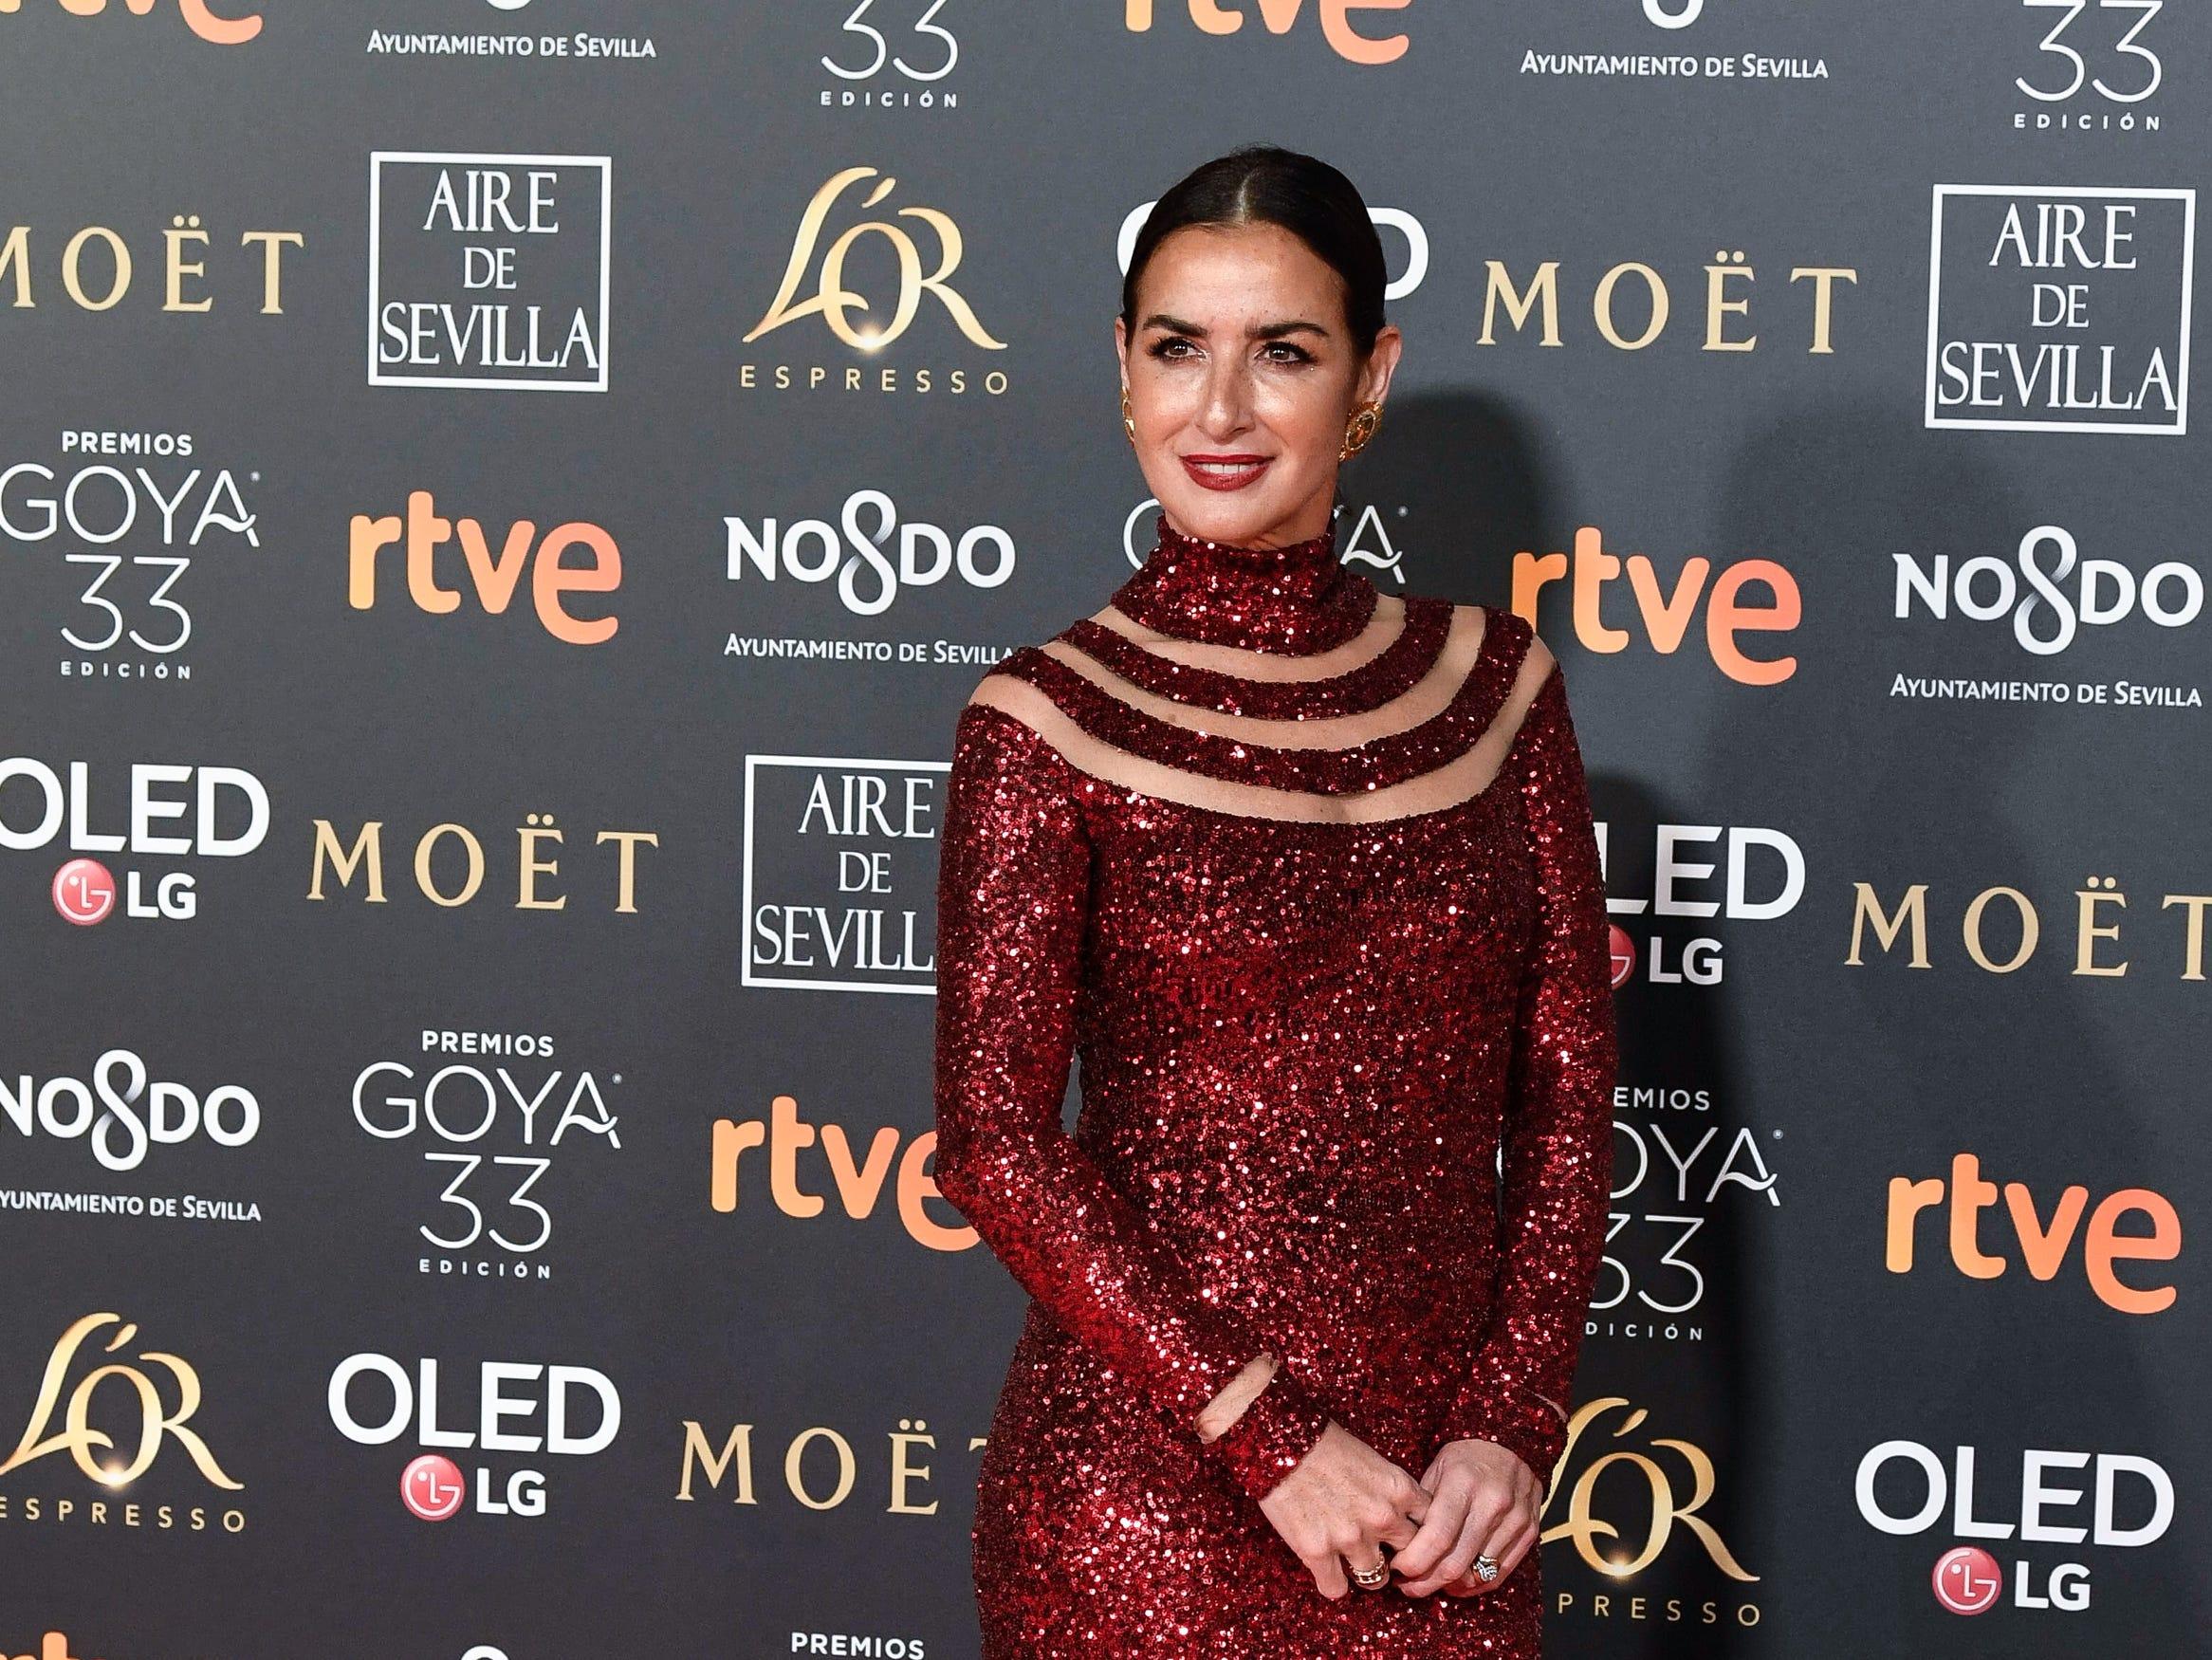 Belén López asiste a la 33ª edición de los Premios de Cine Goya en el Palacio de Congresos y Exposiciones FIBES el 2 de febrero de 2019 en Sevilla, España.